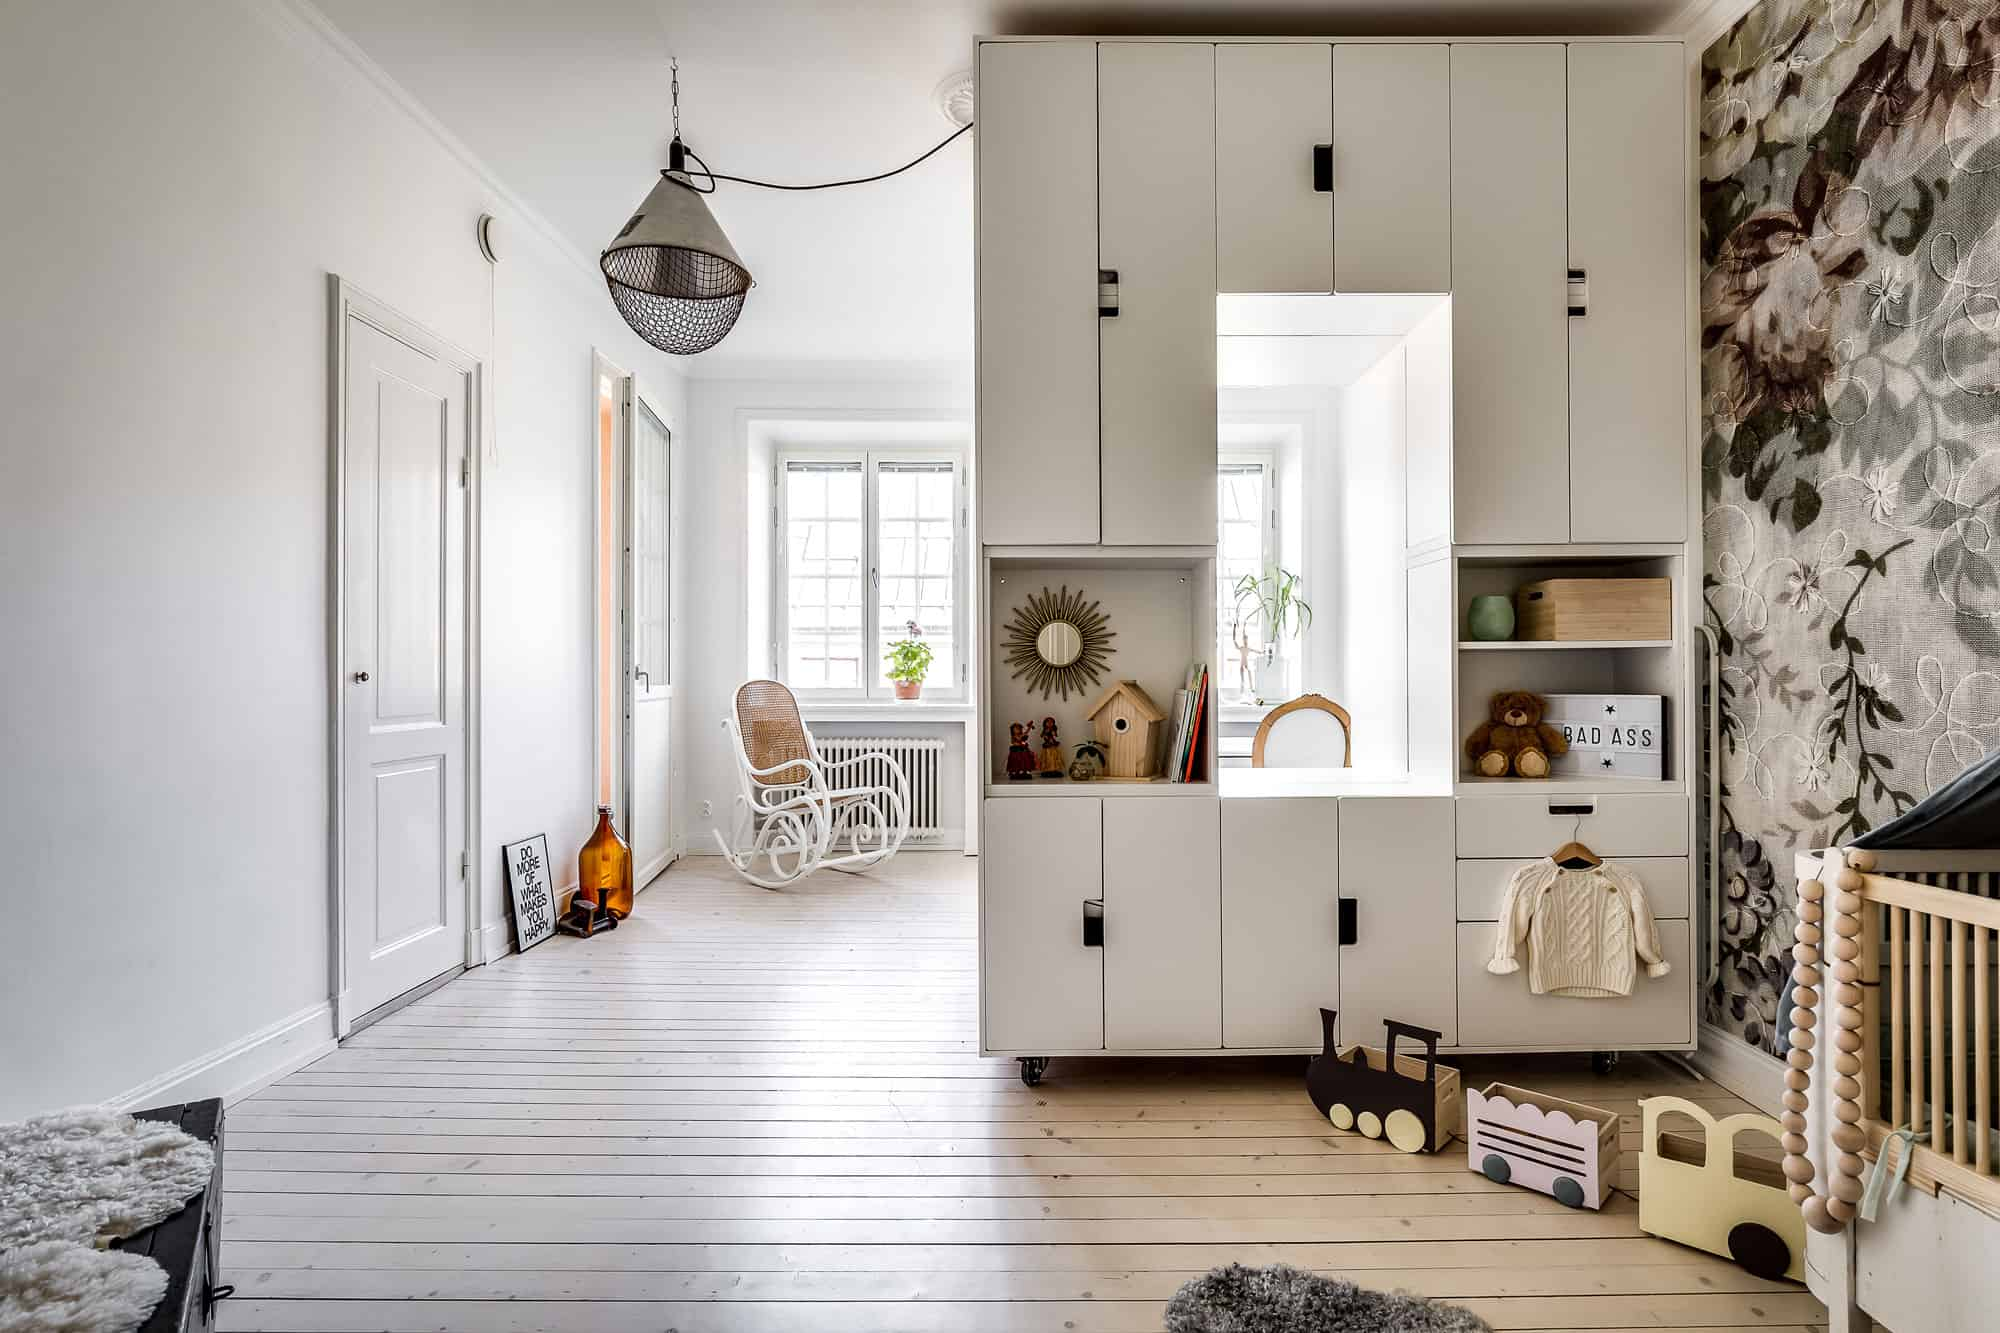 Ikea hack: Bygg rumsavdelare av förvaringsskåpen Stuva